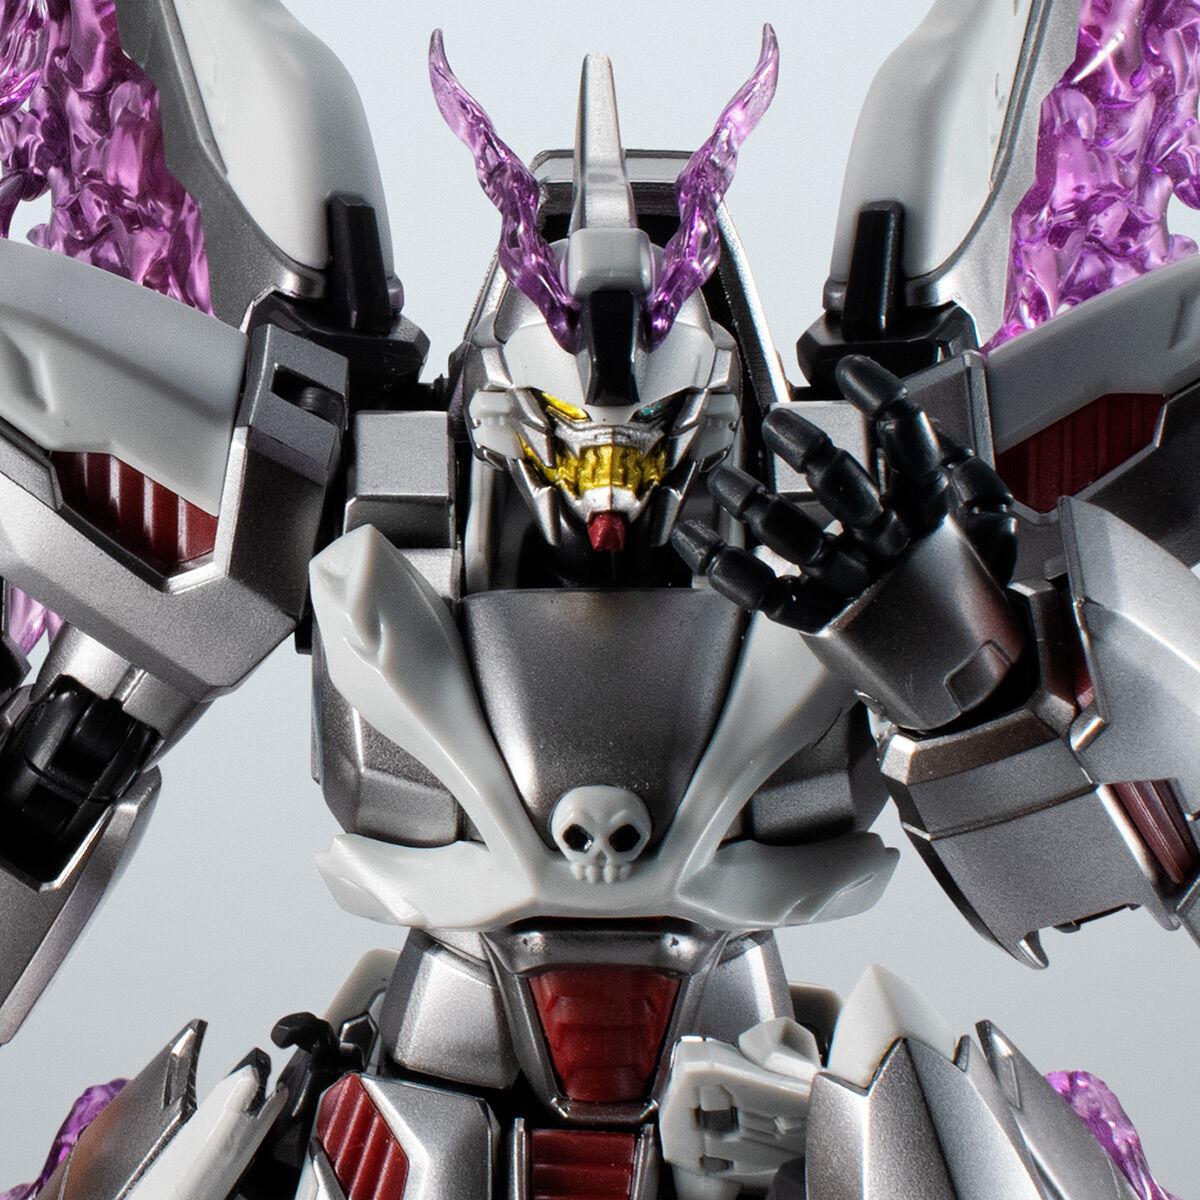 【限定販売】ROBOT魂〈SIDE MS〉『ゴーストガンダム』クロスボーン・ガンダム 可動フィギュア-001